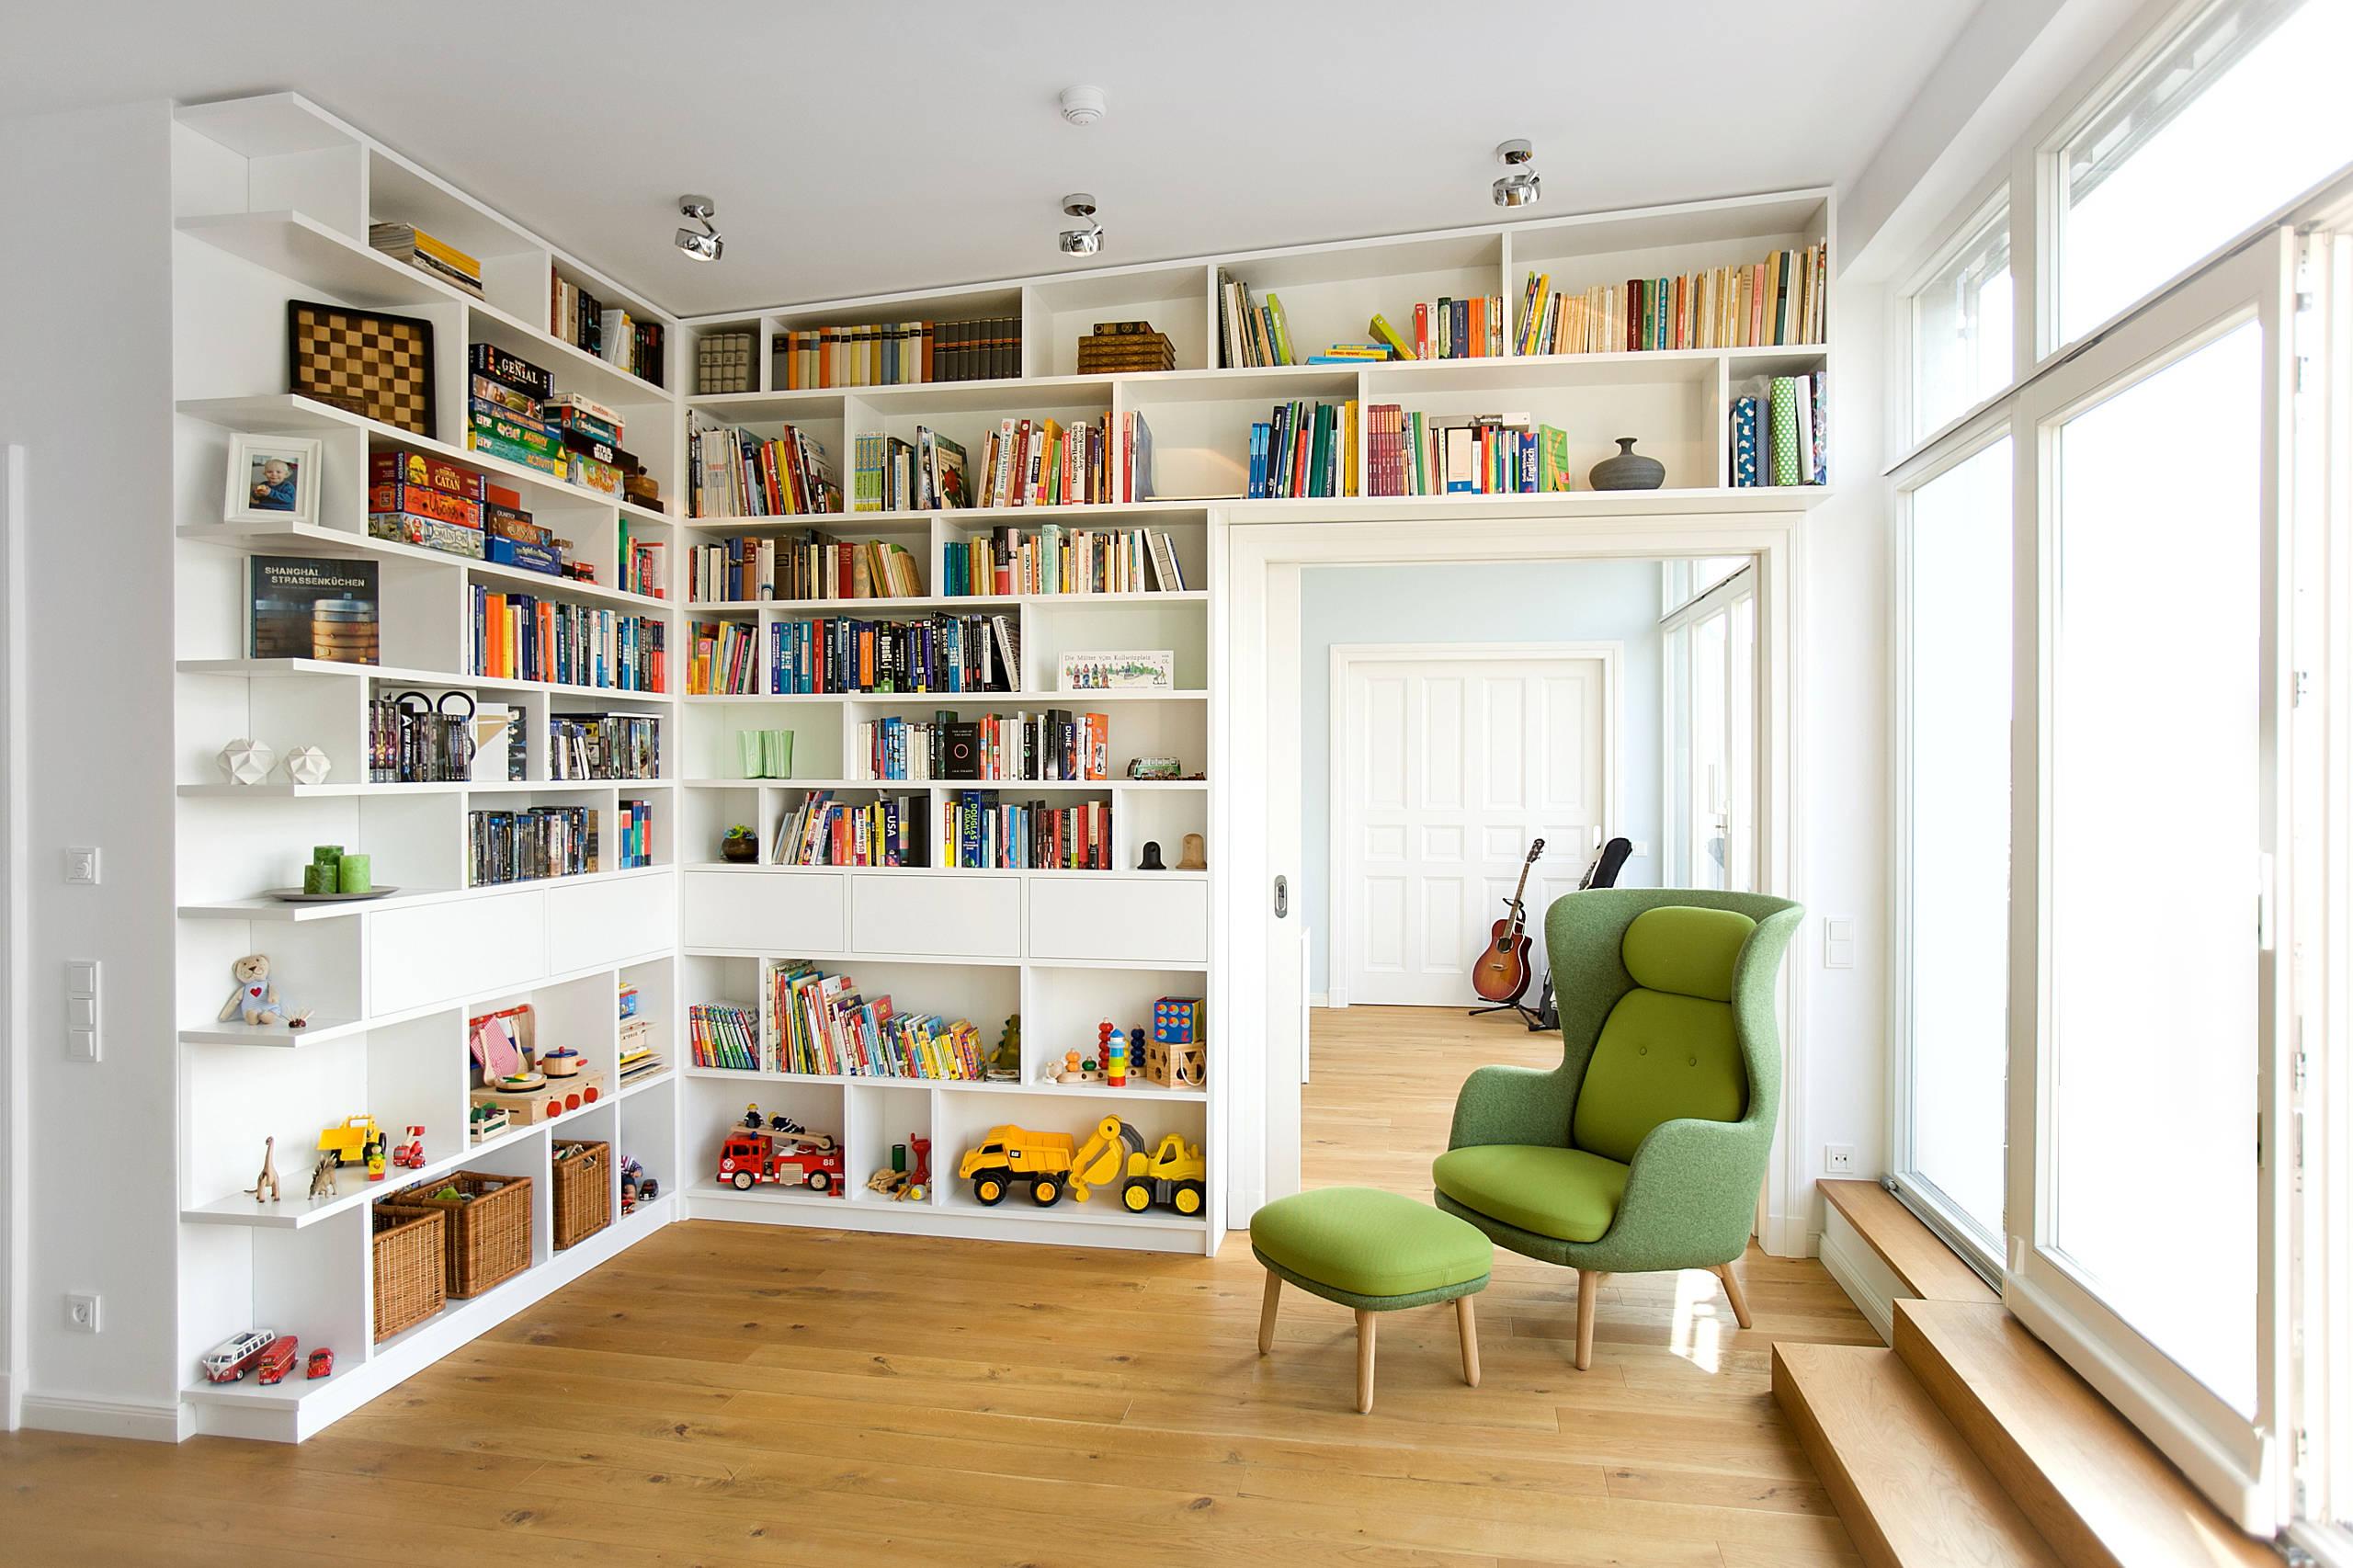 9 Ideen Fur Schone Kinder Spielecken In Der Wohnung